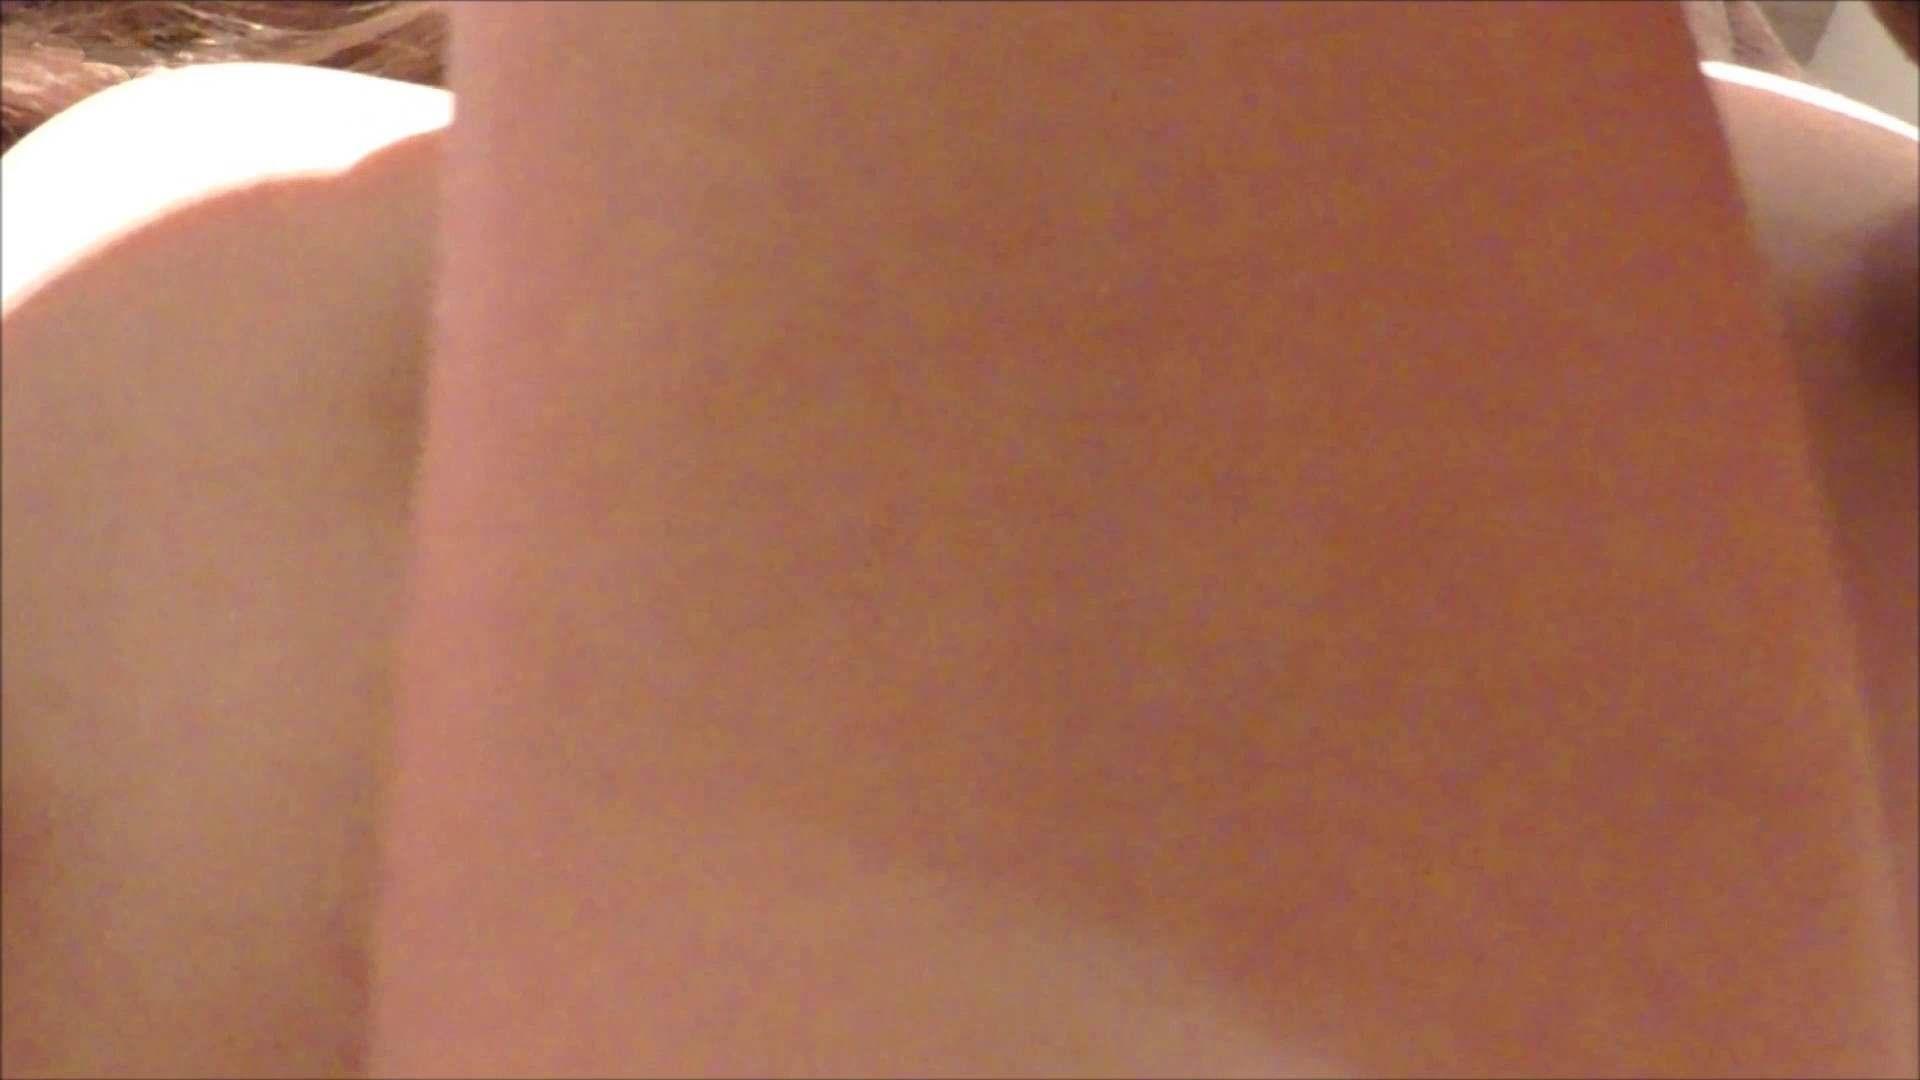 内緒でデリヘル盗撮 Vol.03中編 美肌、美人のデリ嬢にいよいよ挿入! OL女体 濡れ場動画紹介 91連発 30